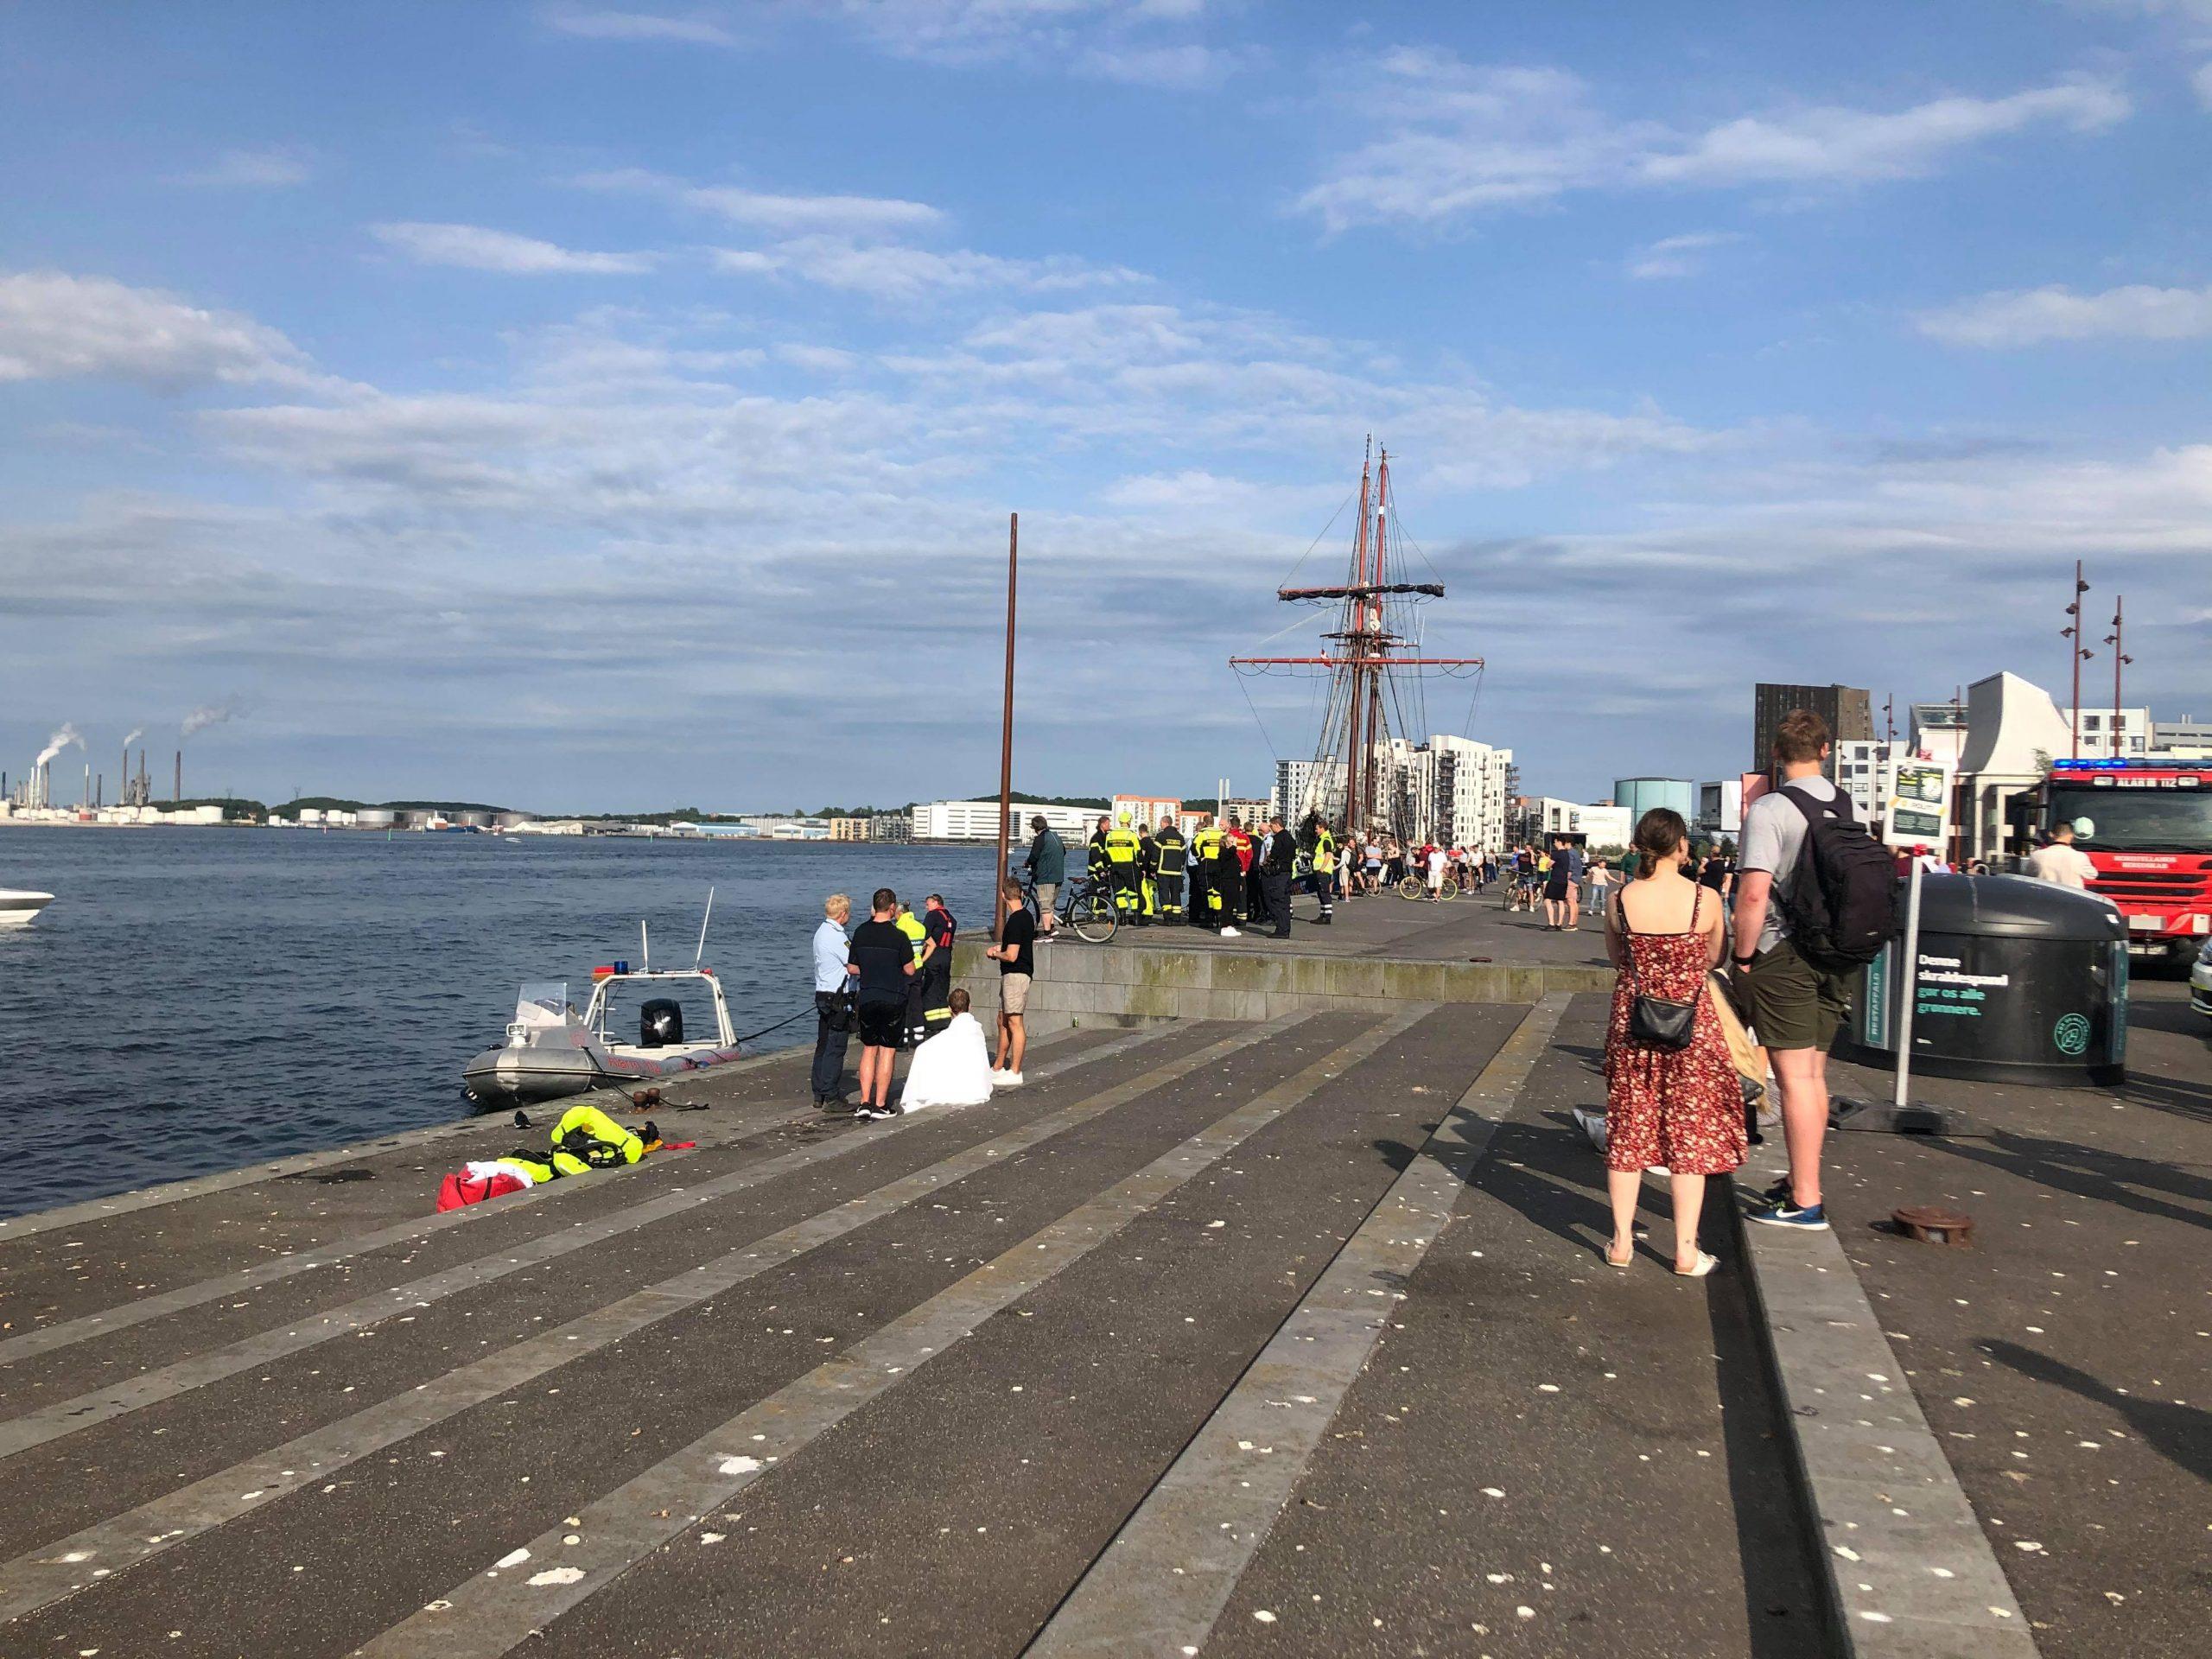 Kan sejle op til 100 km/t: Så voldsomt ud da Rib båd forulykkede